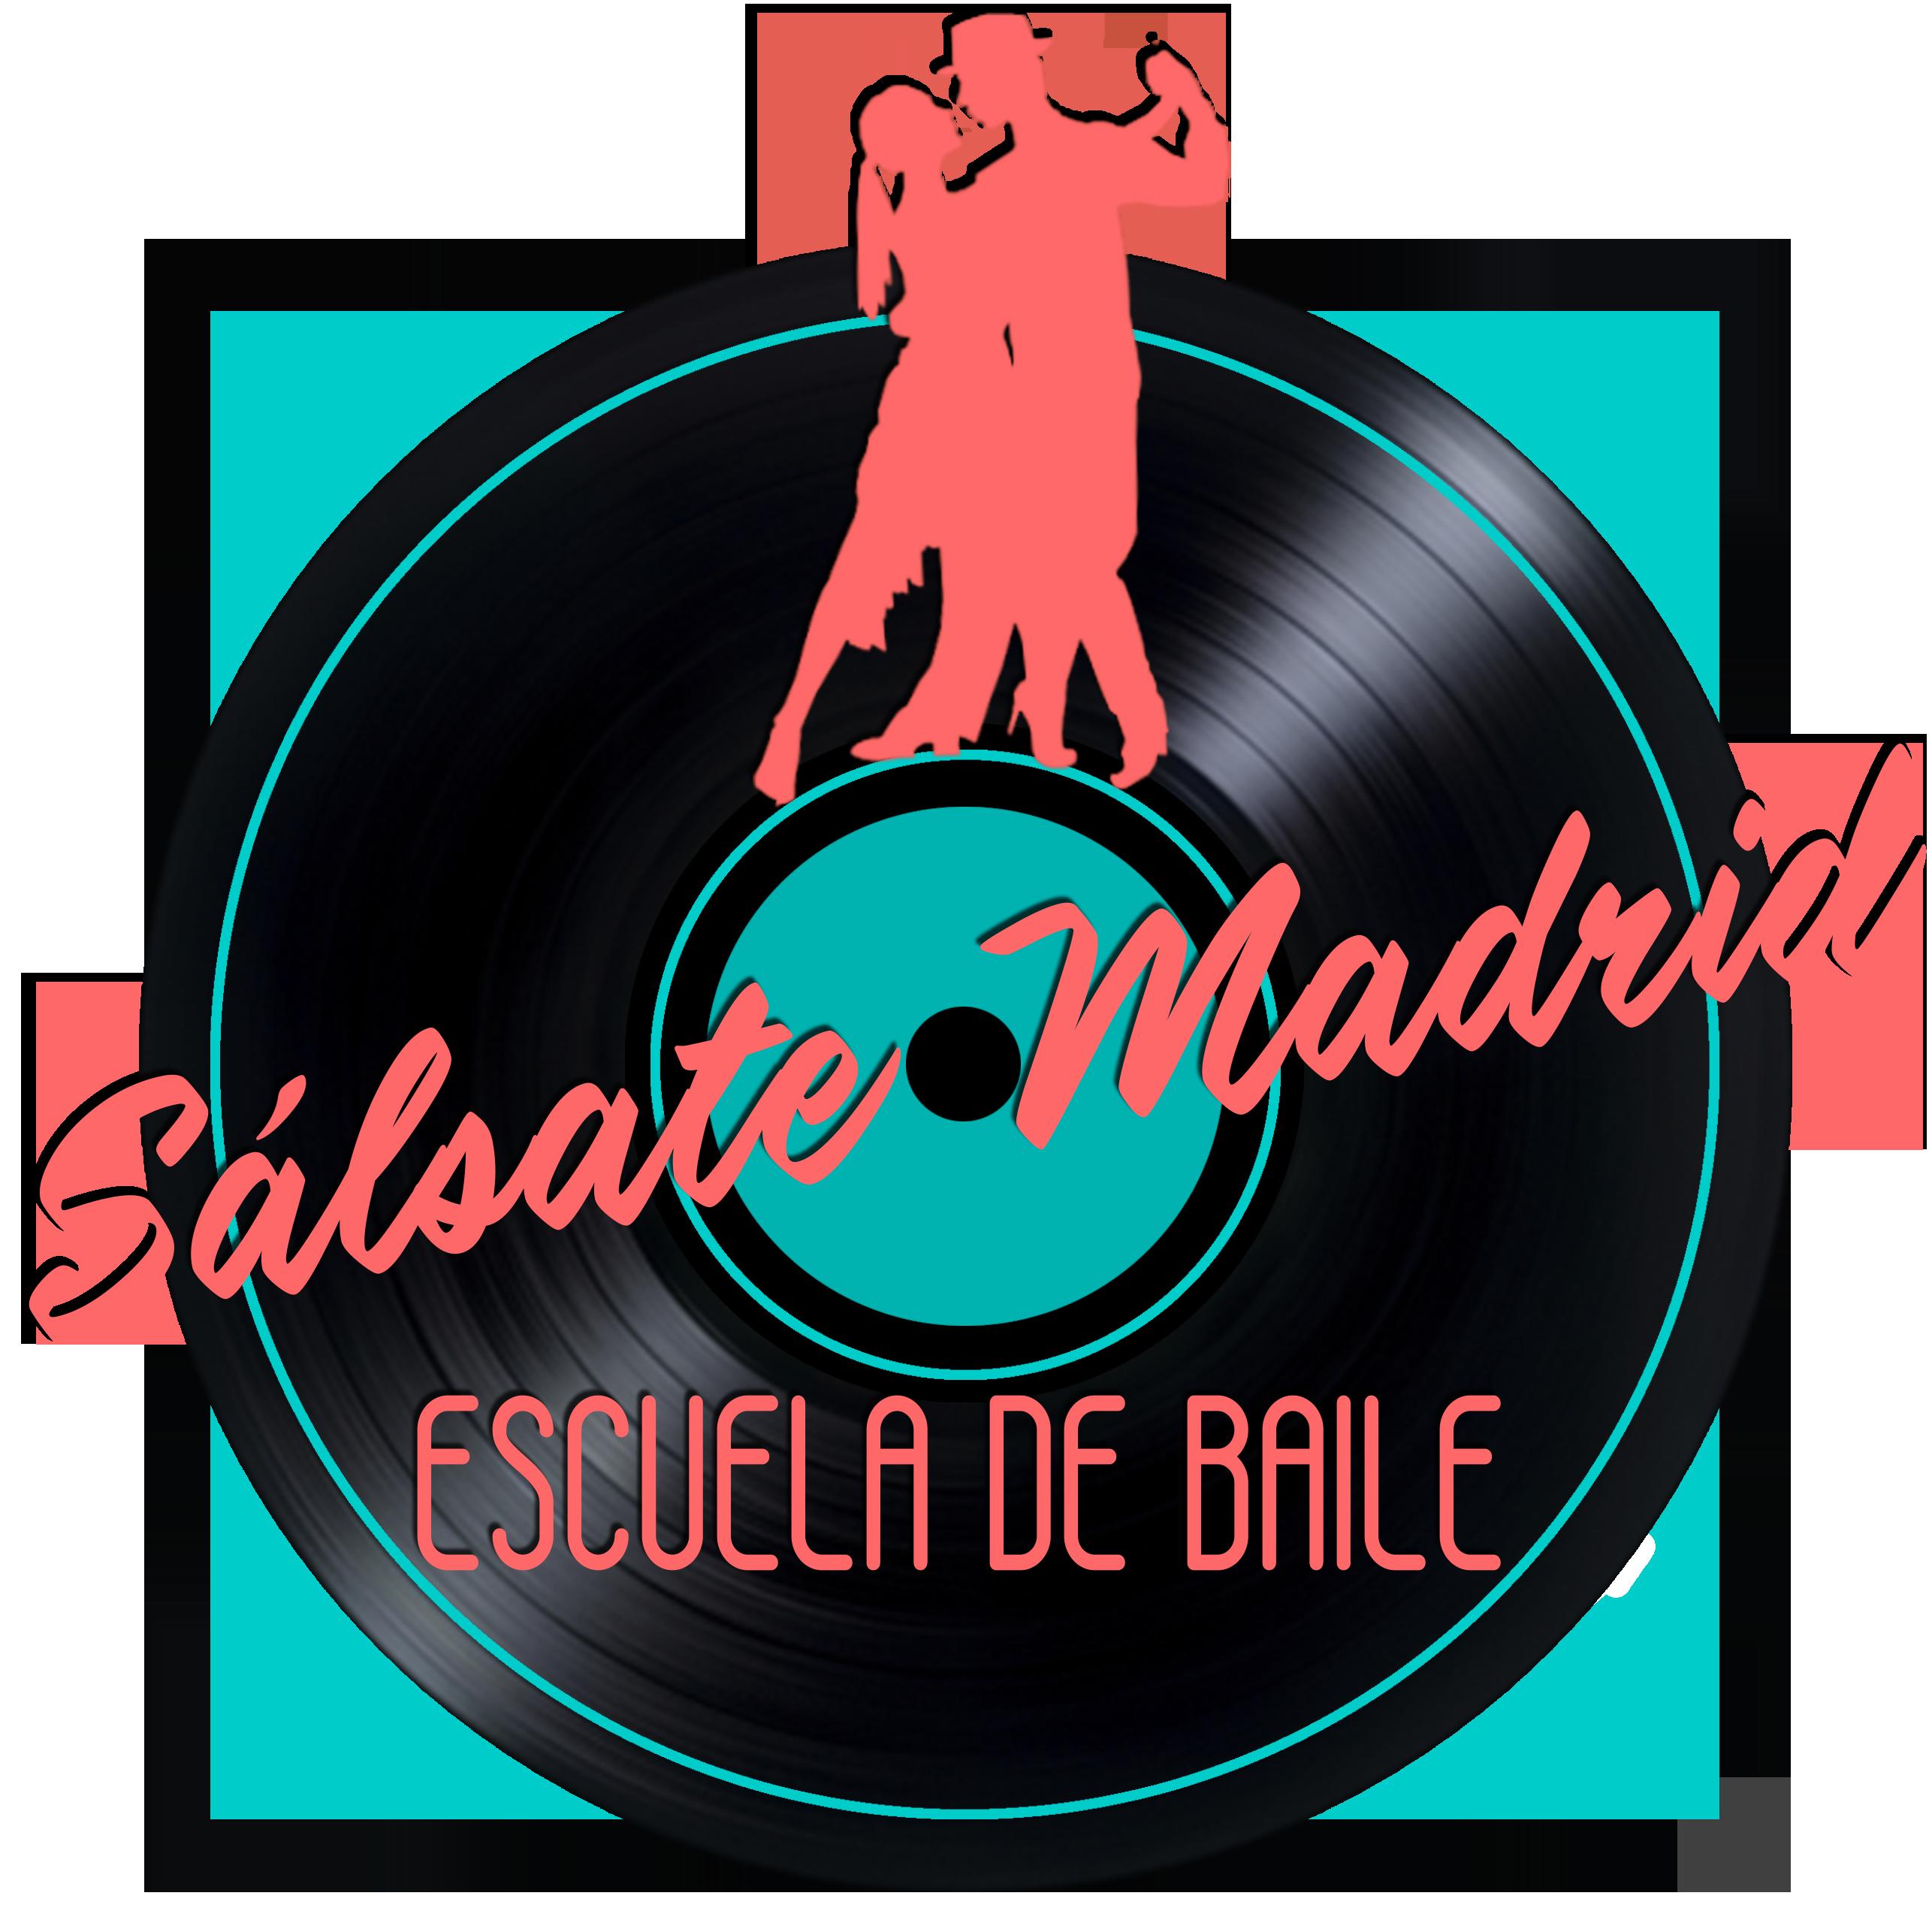 Sálsate Madrid escuela especializada en salsa cubana, casino y timba